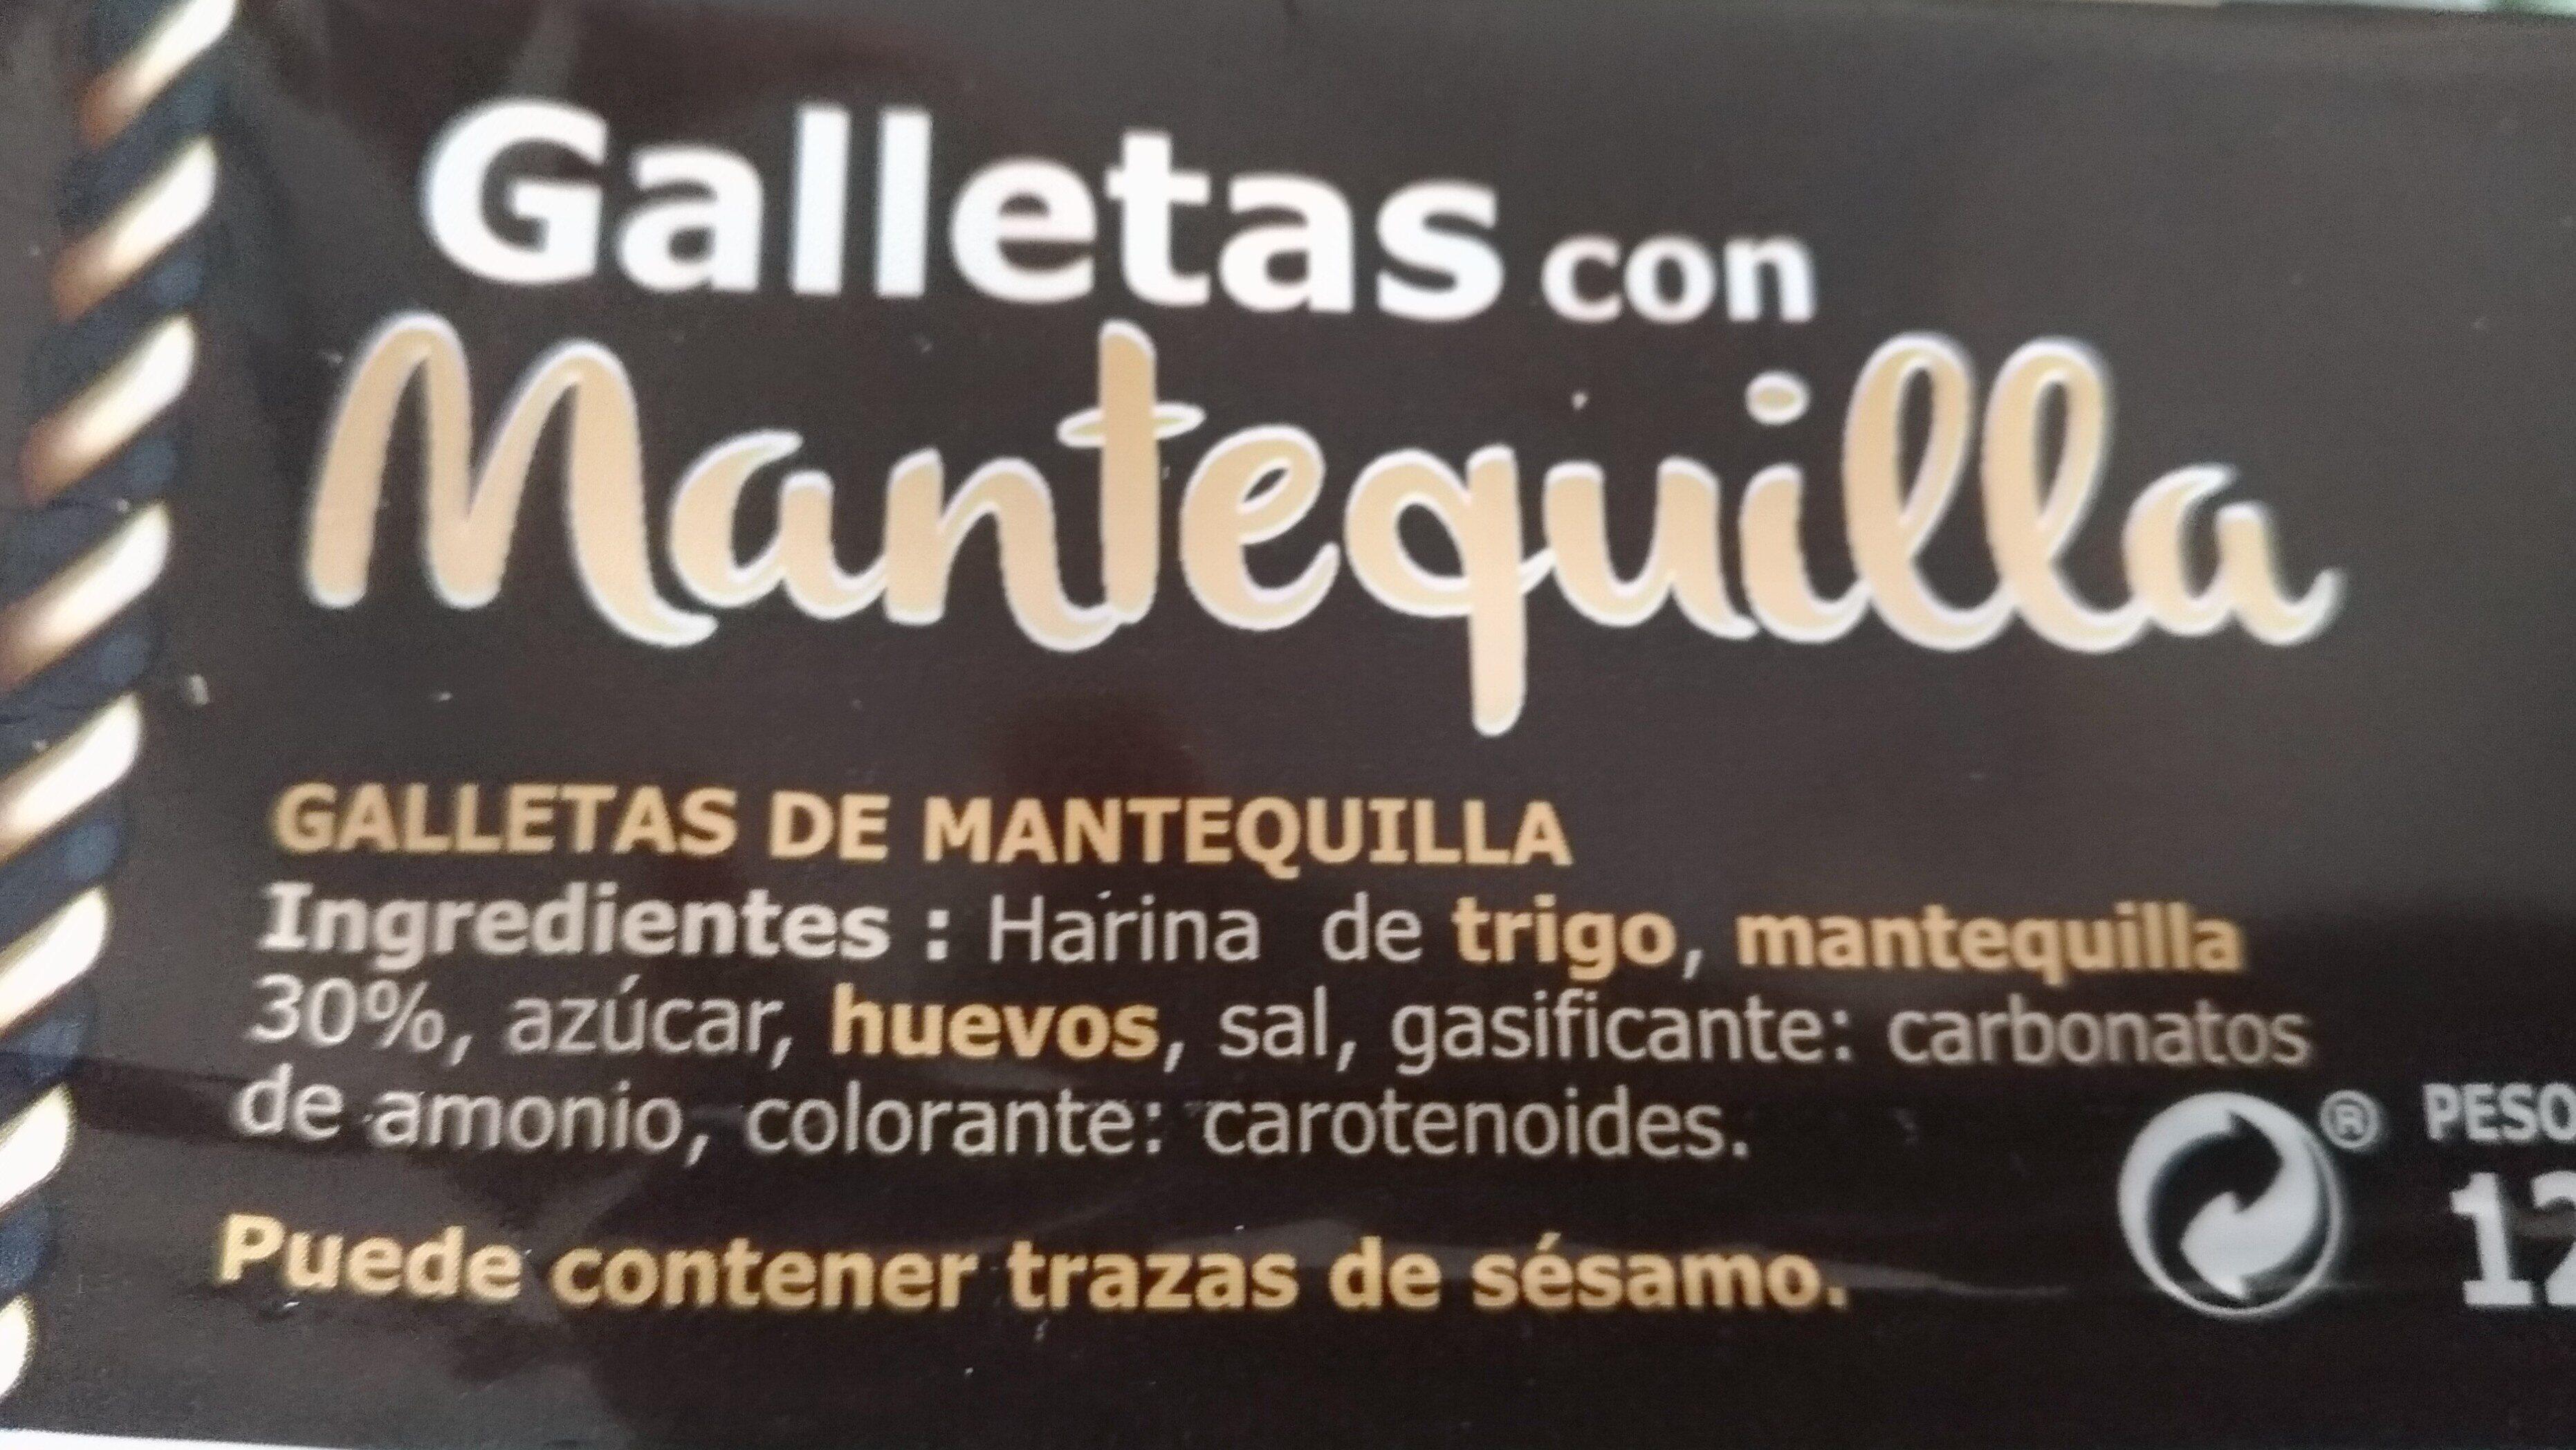 Galletas con mantequilla - Ingredientes